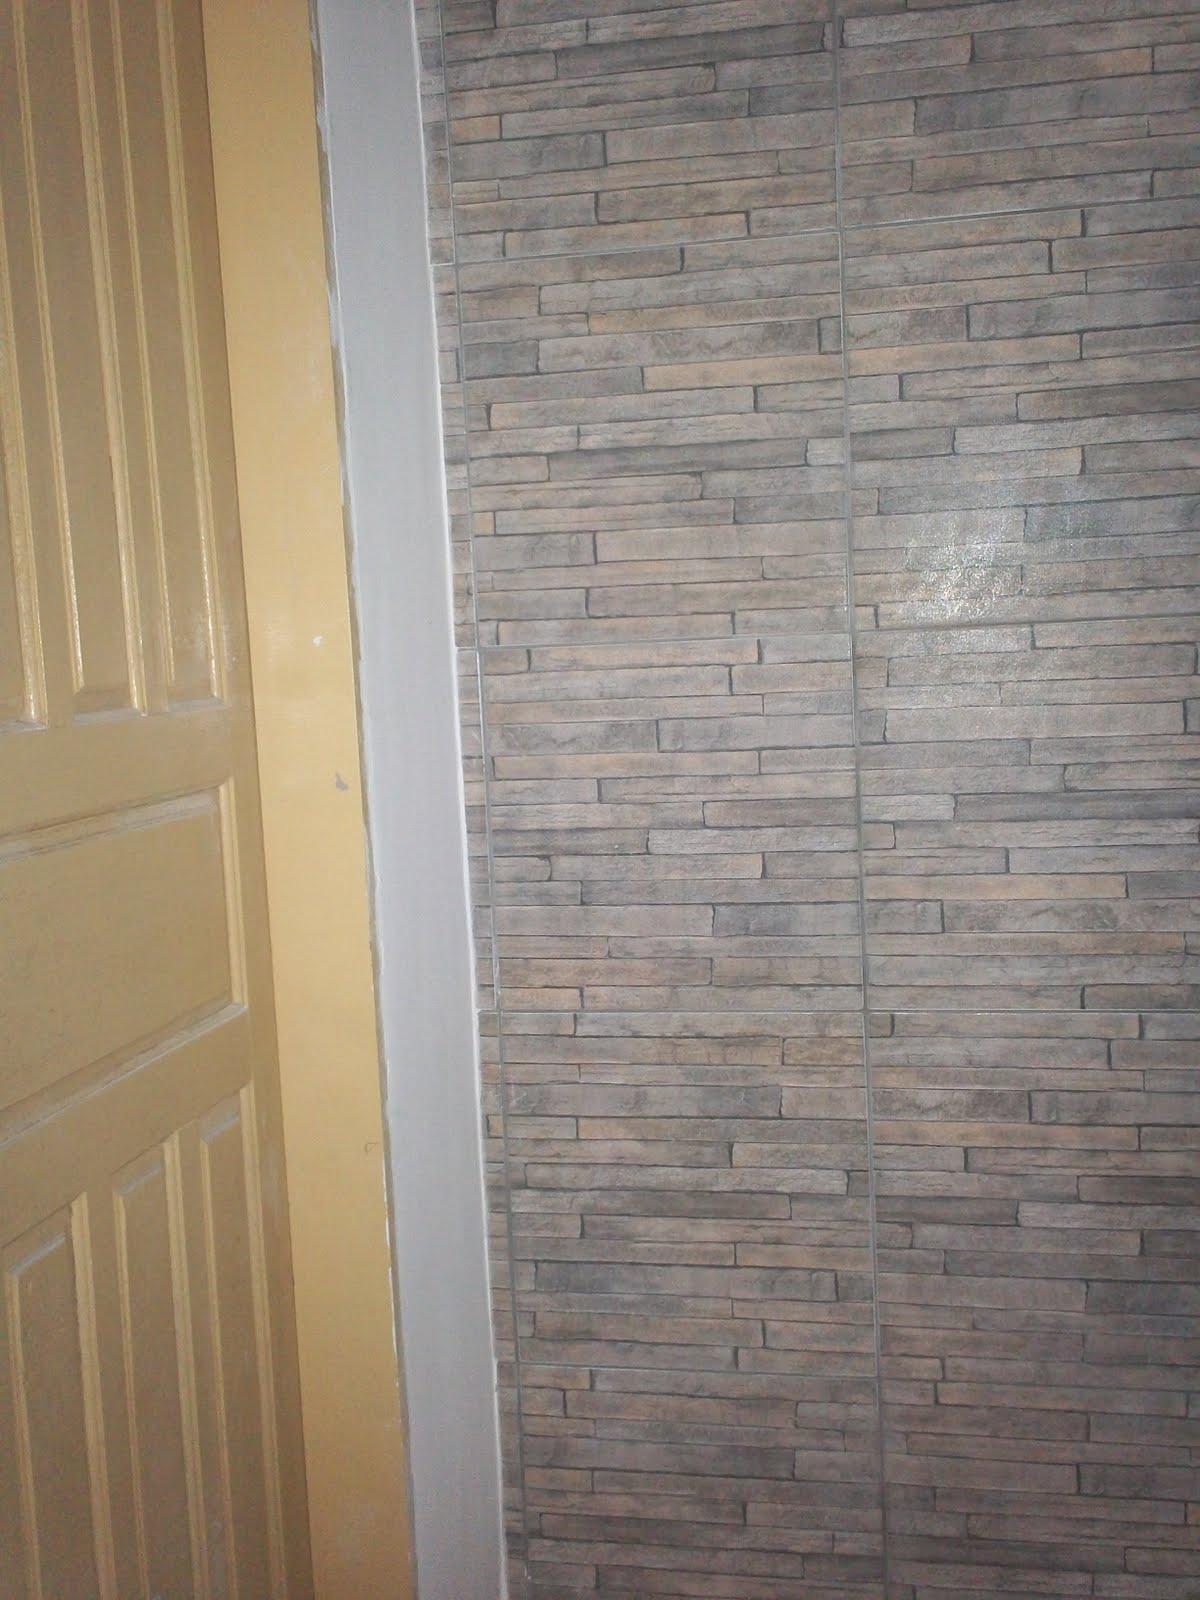 M h casati parede da sala imita o de pedras for Azulejo para pared de sala